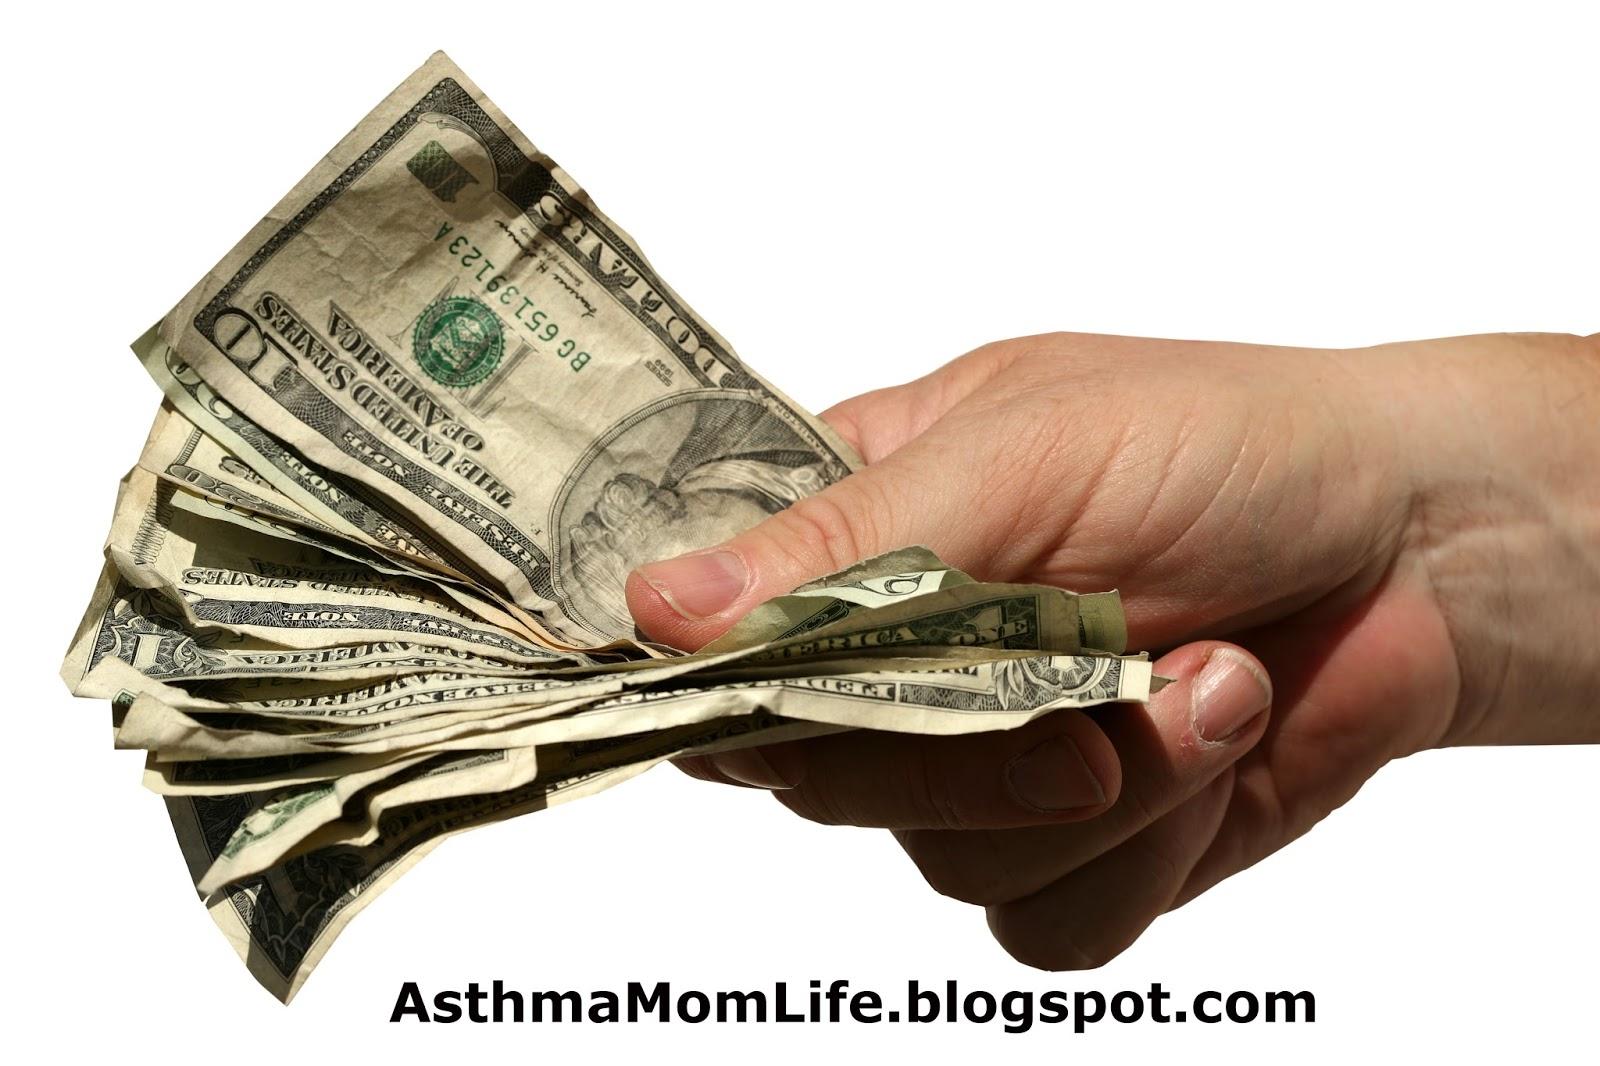 Affording asthma